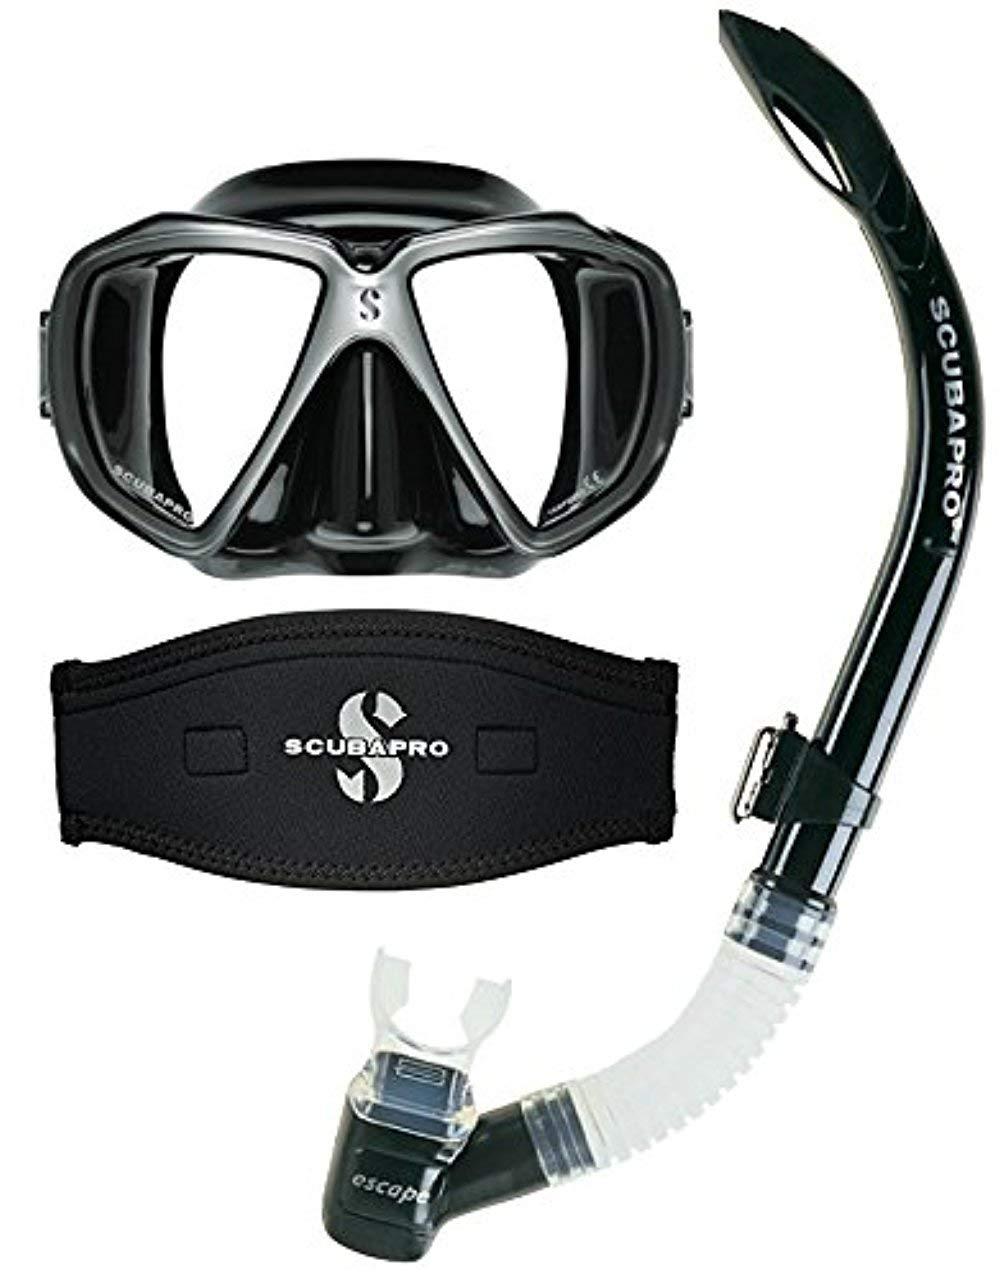 Scubapro Spectra Scuba Dive Mask (Black/Silver) w/Neoprene Strap Cover & Escape Semi-Dry Snorkel